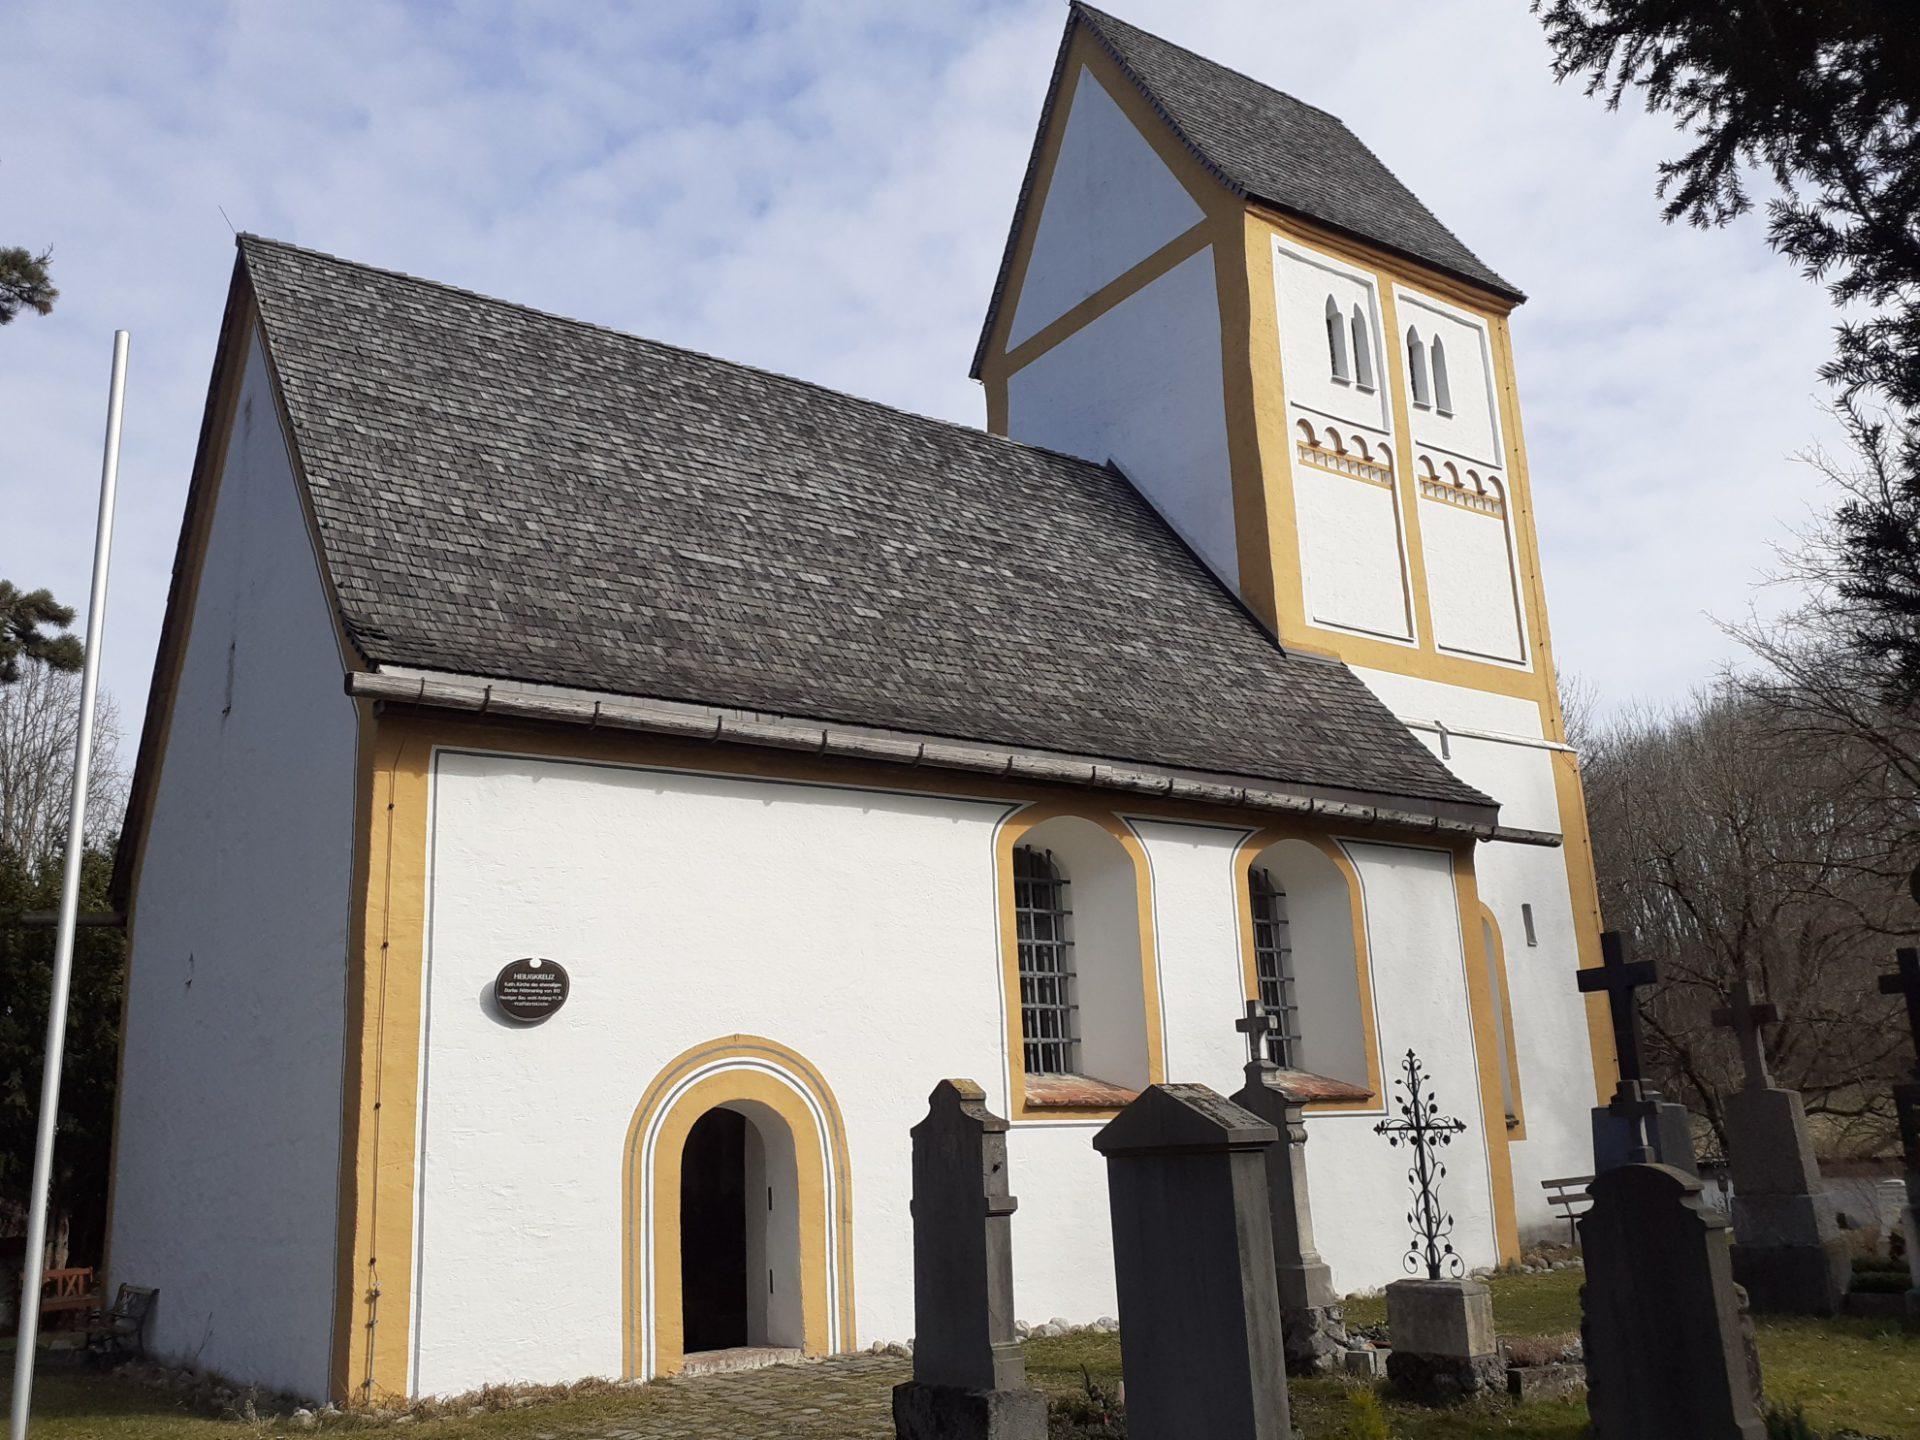 Pfarrkirche Heilig Kreuz München-Fröttmaning